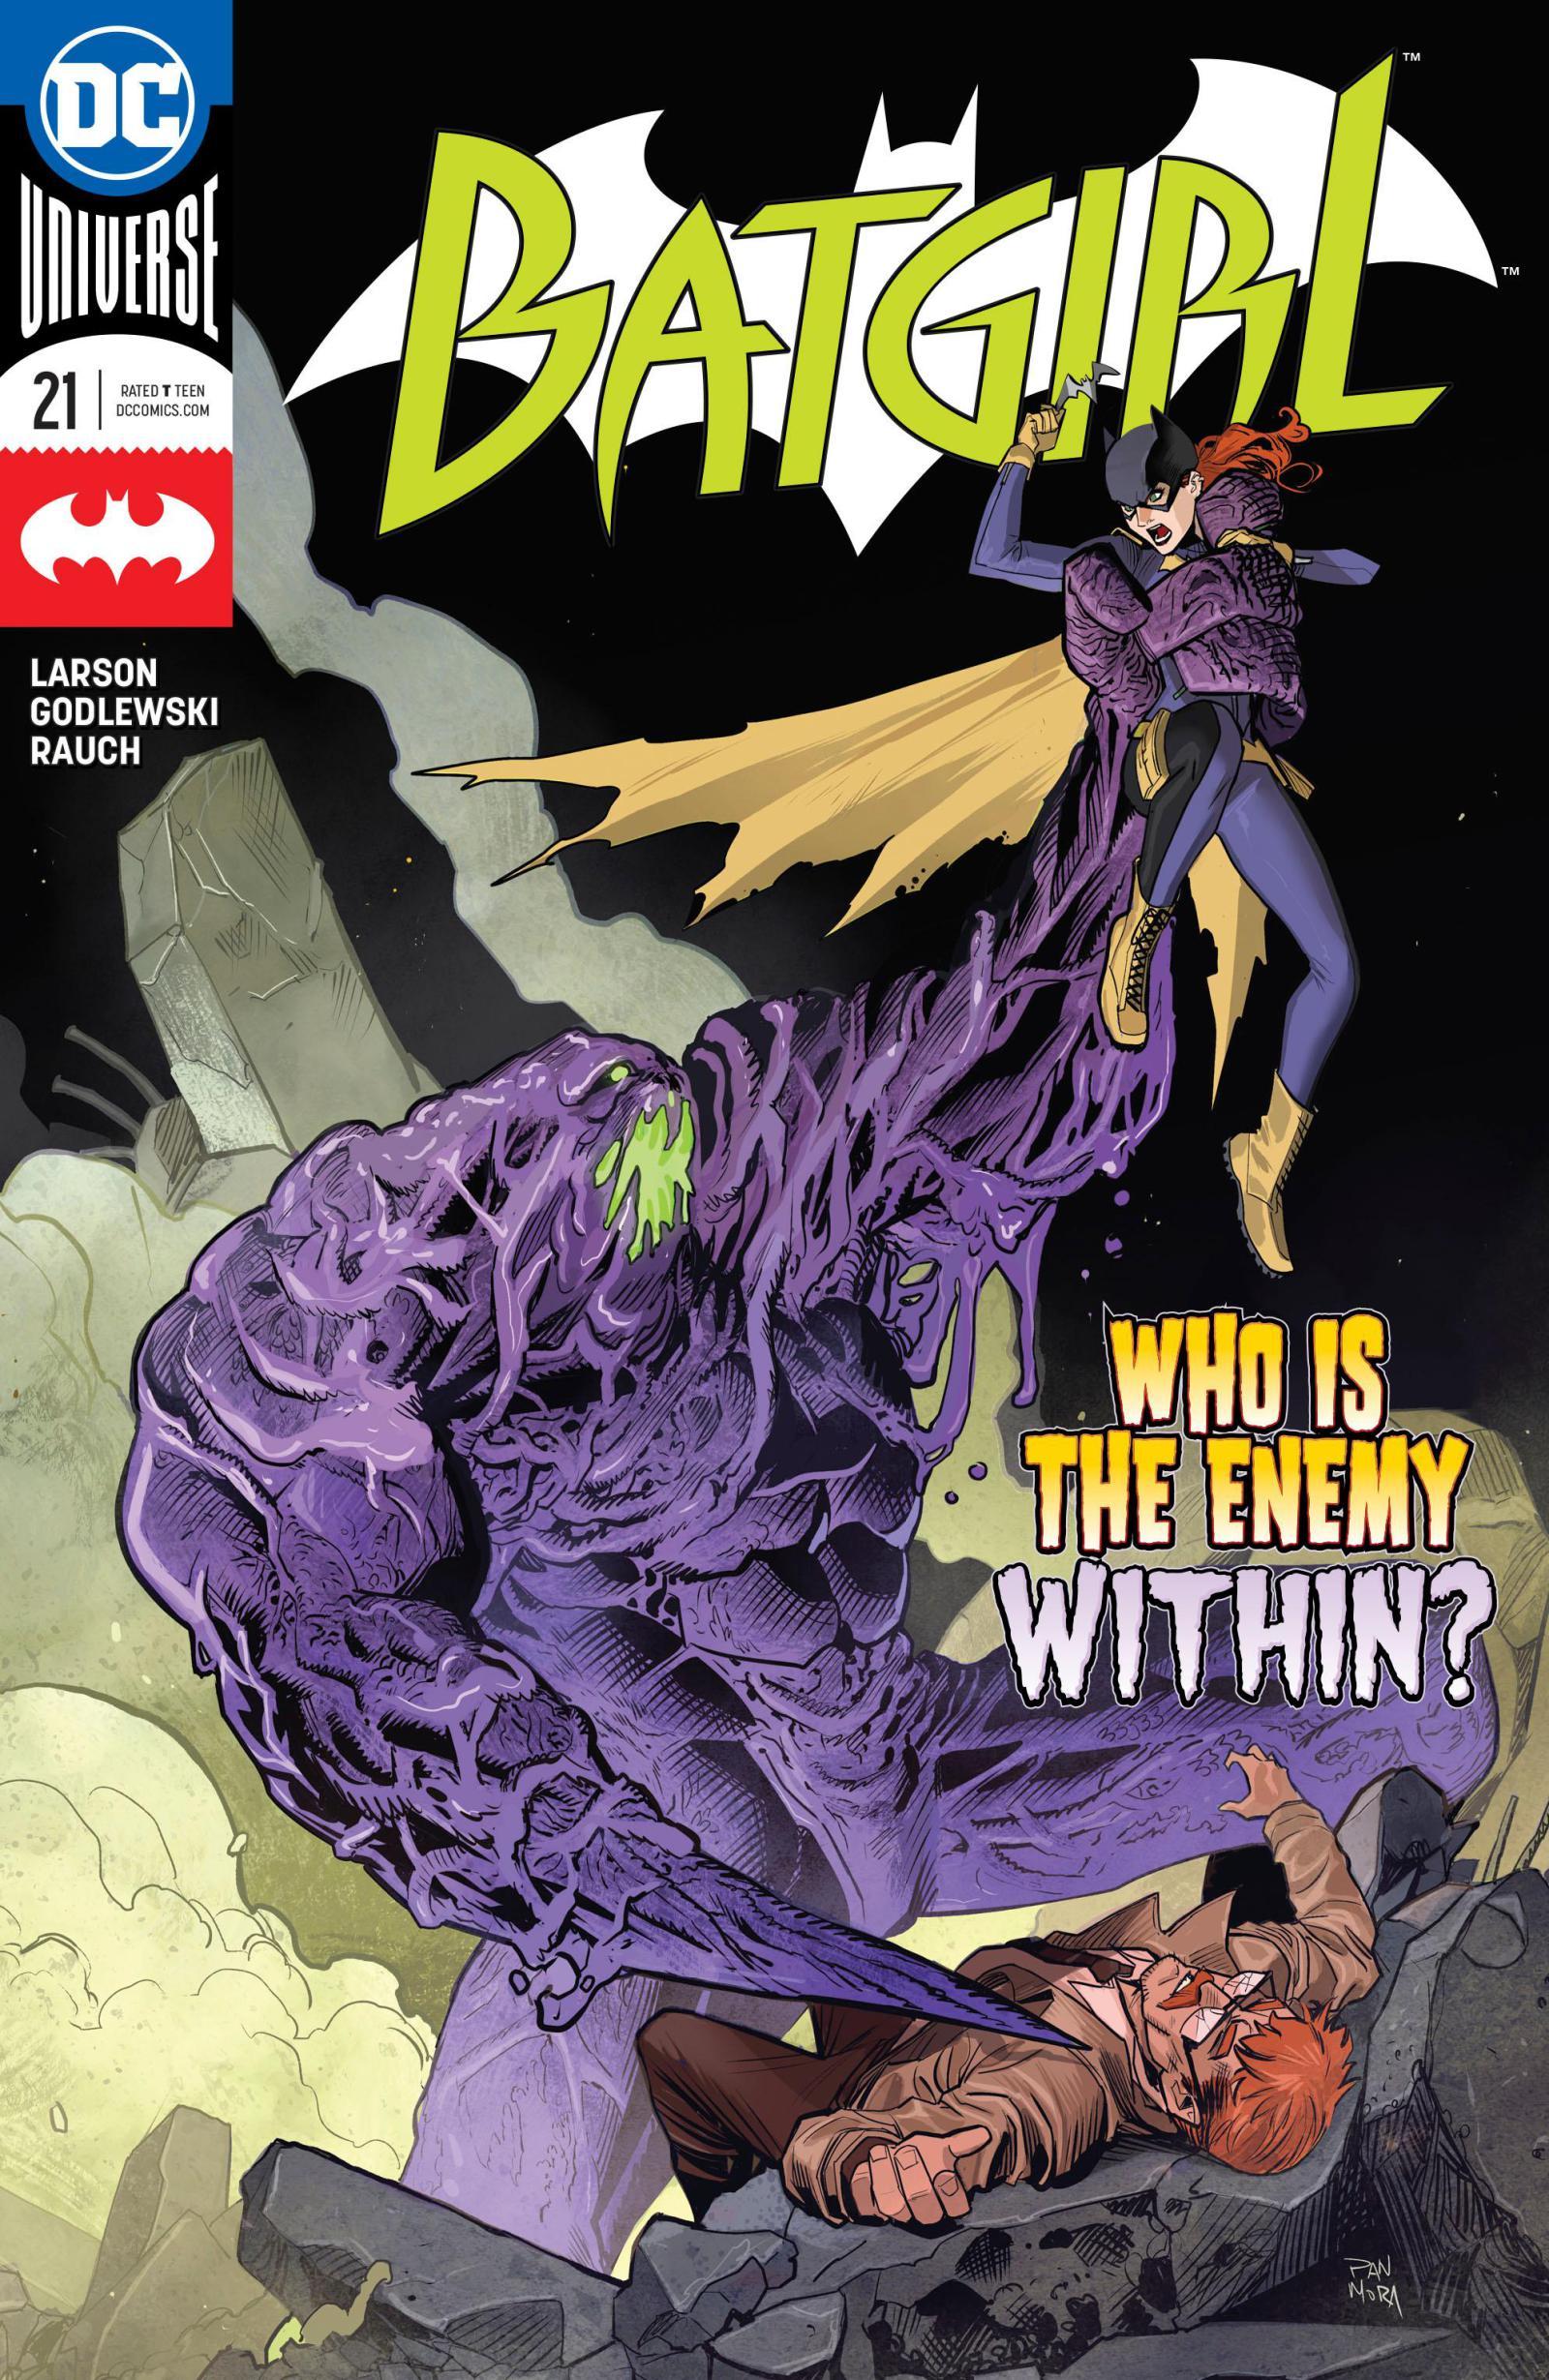 BATGIRL #21 cover by Dan Mora